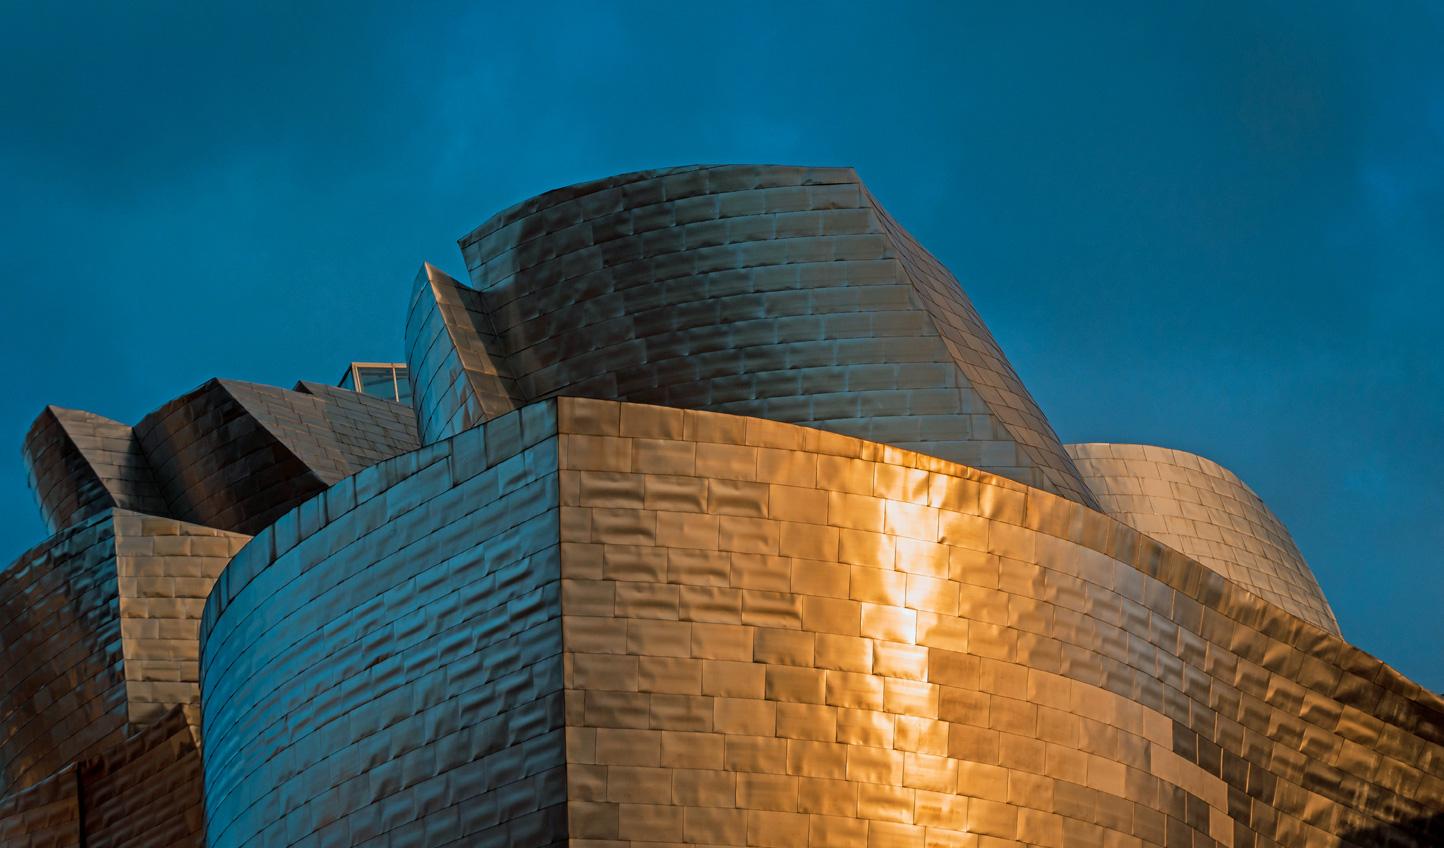 The iconic Guggenheim Museum